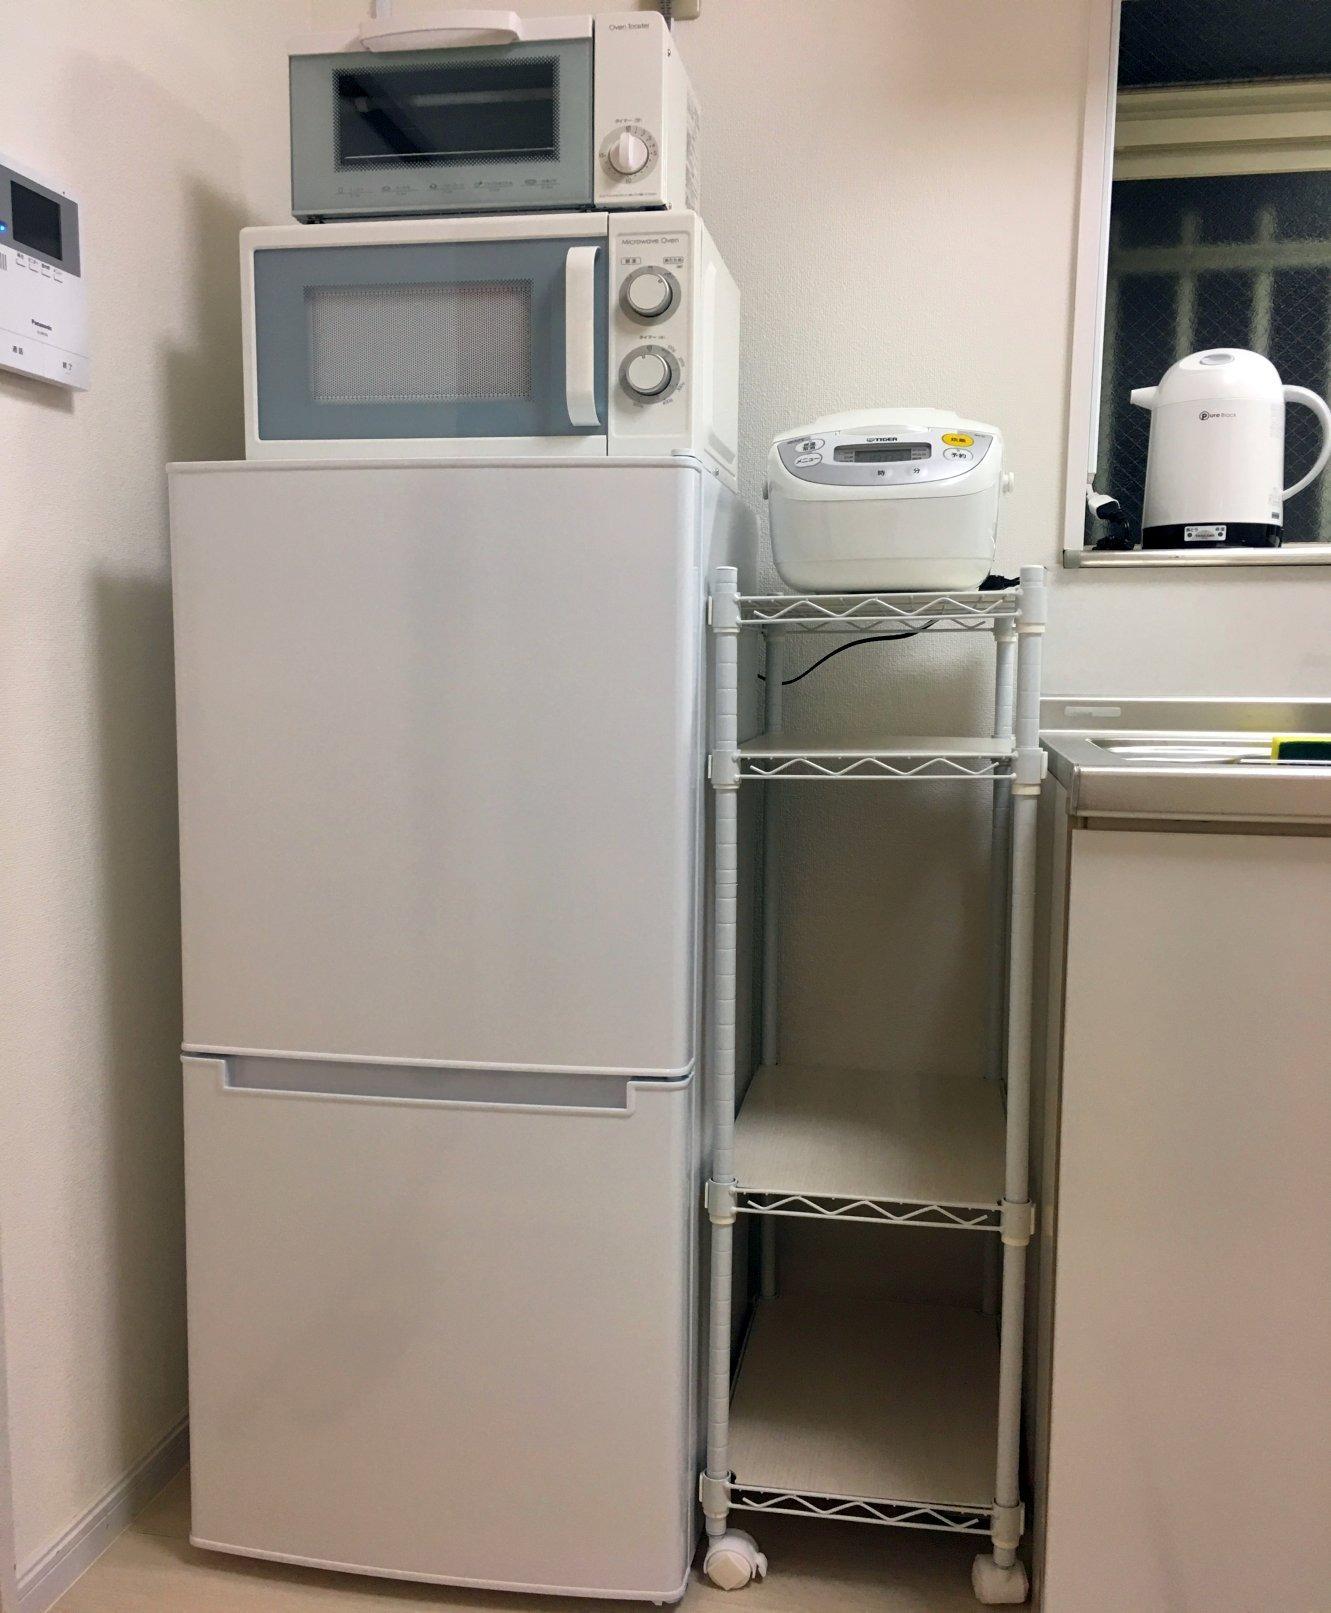 キッチン・冷蔵庫と炊飯器など